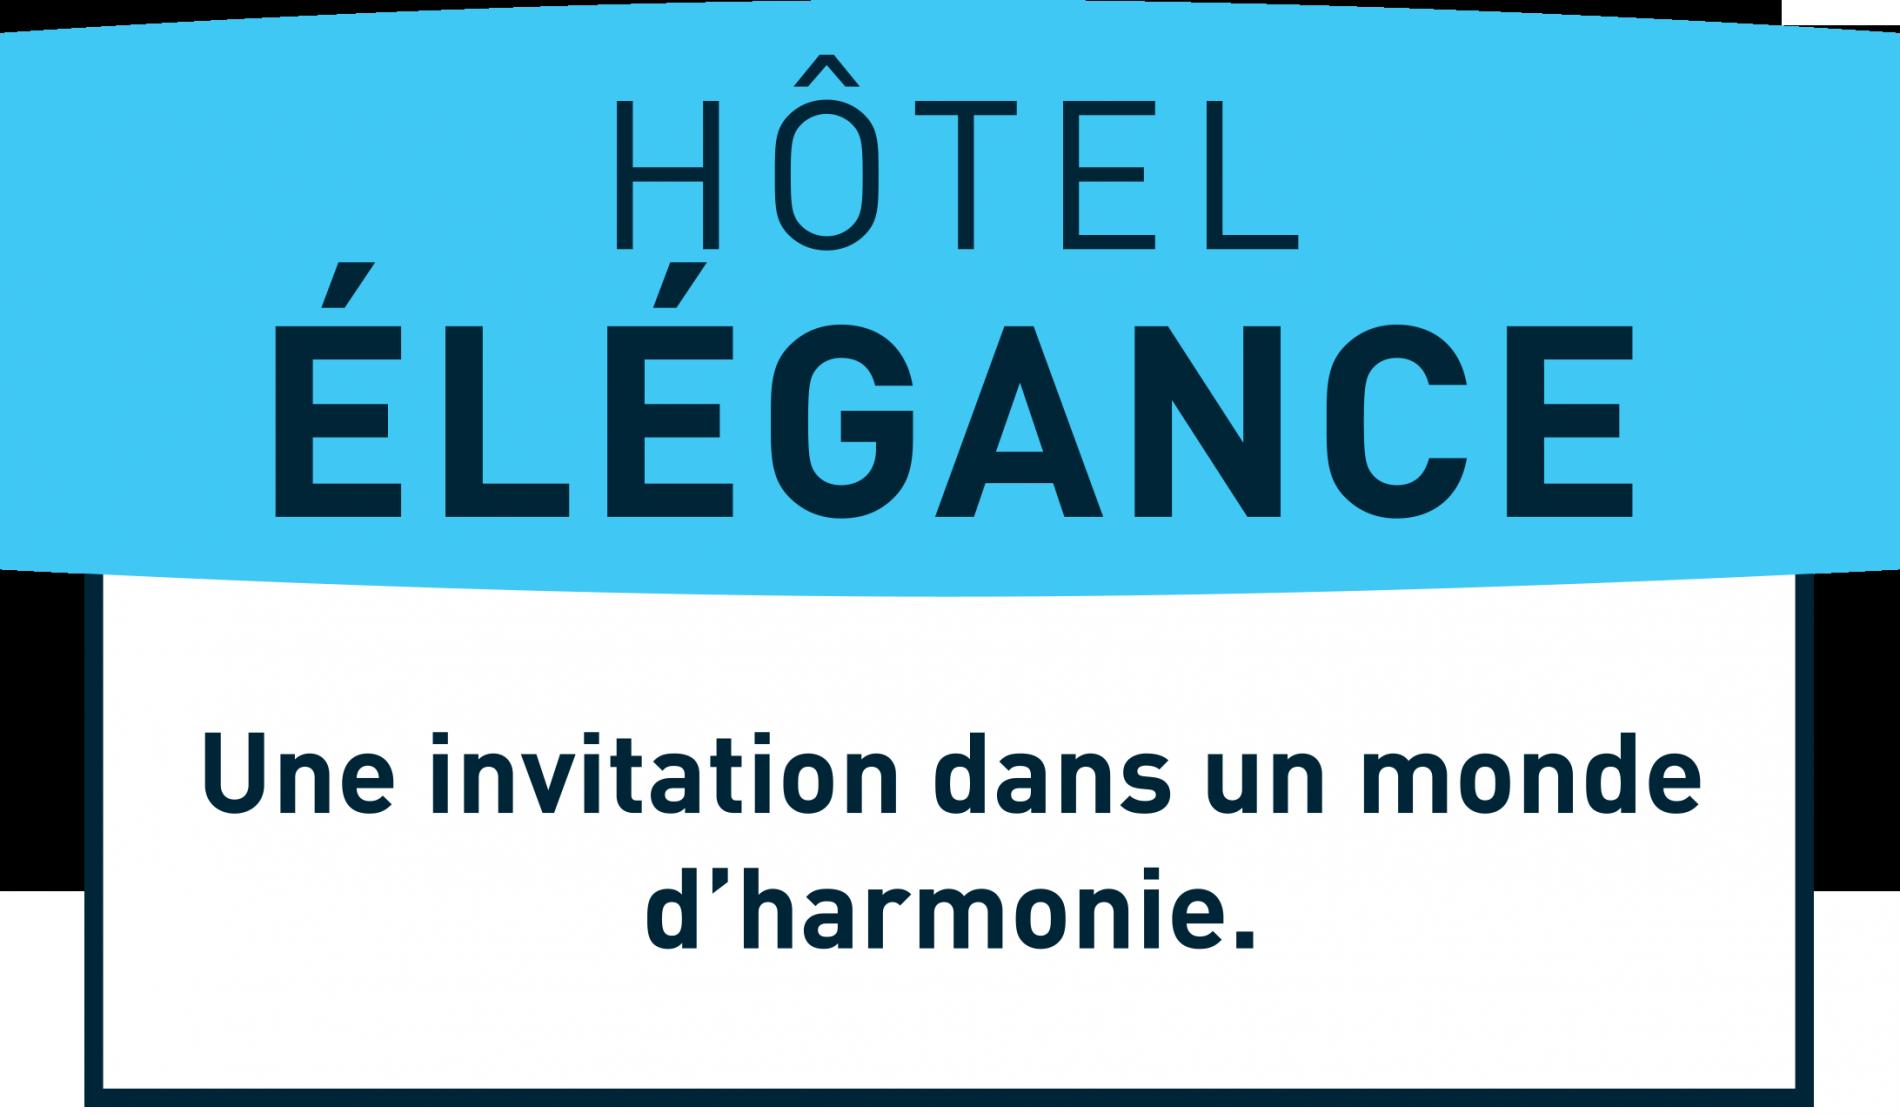 Hôtel élégance : une invitation dans un monde d'harmonie